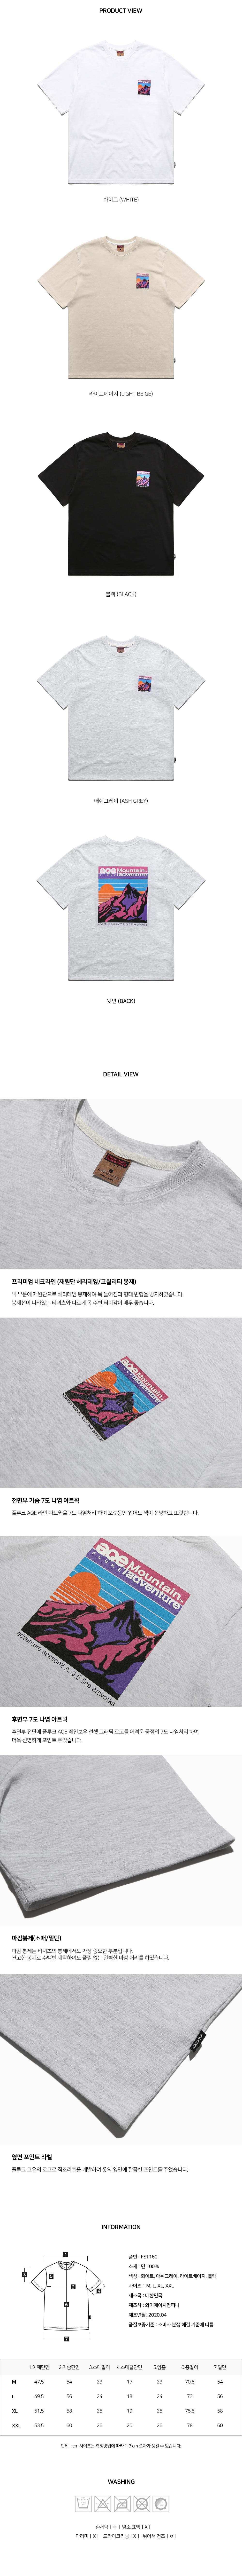 플루크 레인보우 선셋 반팔티셔츠 FST160 / 4color